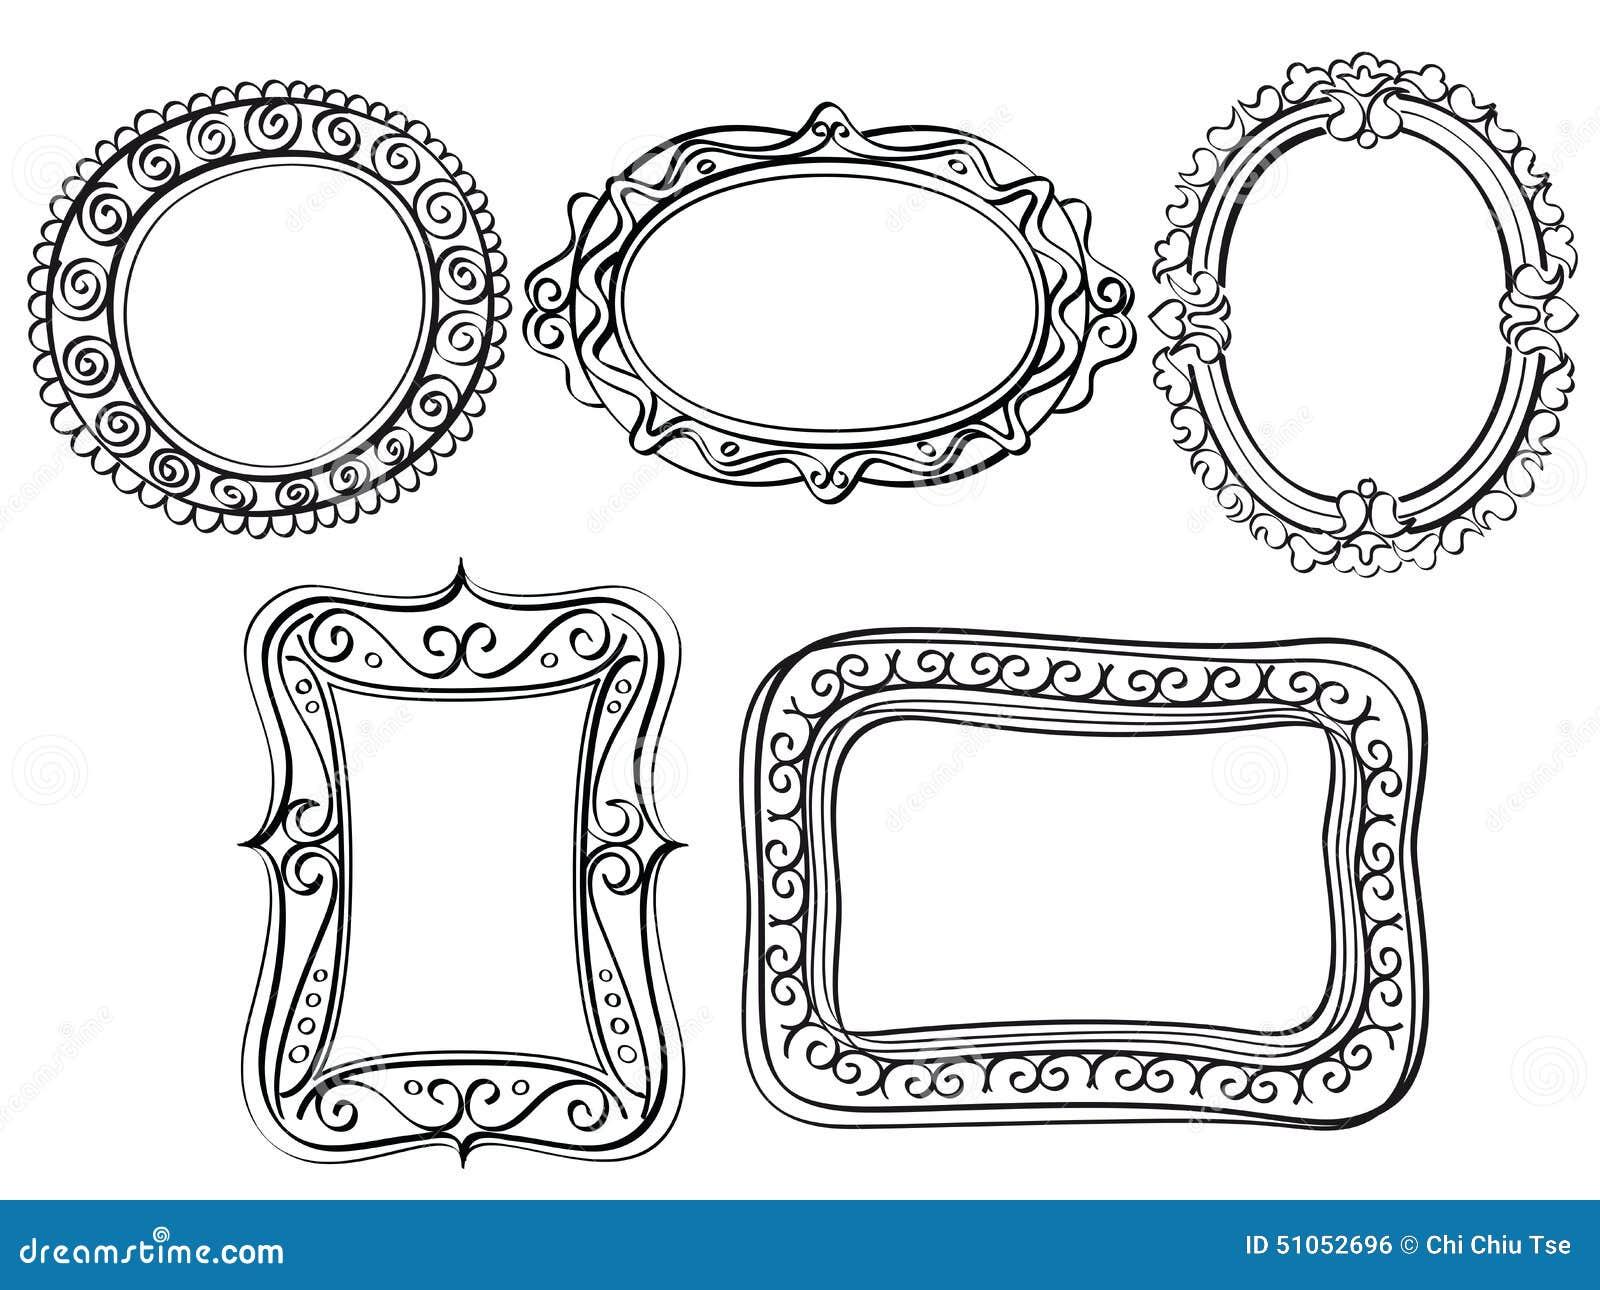 Elegante aufwändige Rahmen stock abbildung. Illustration von kreis ...